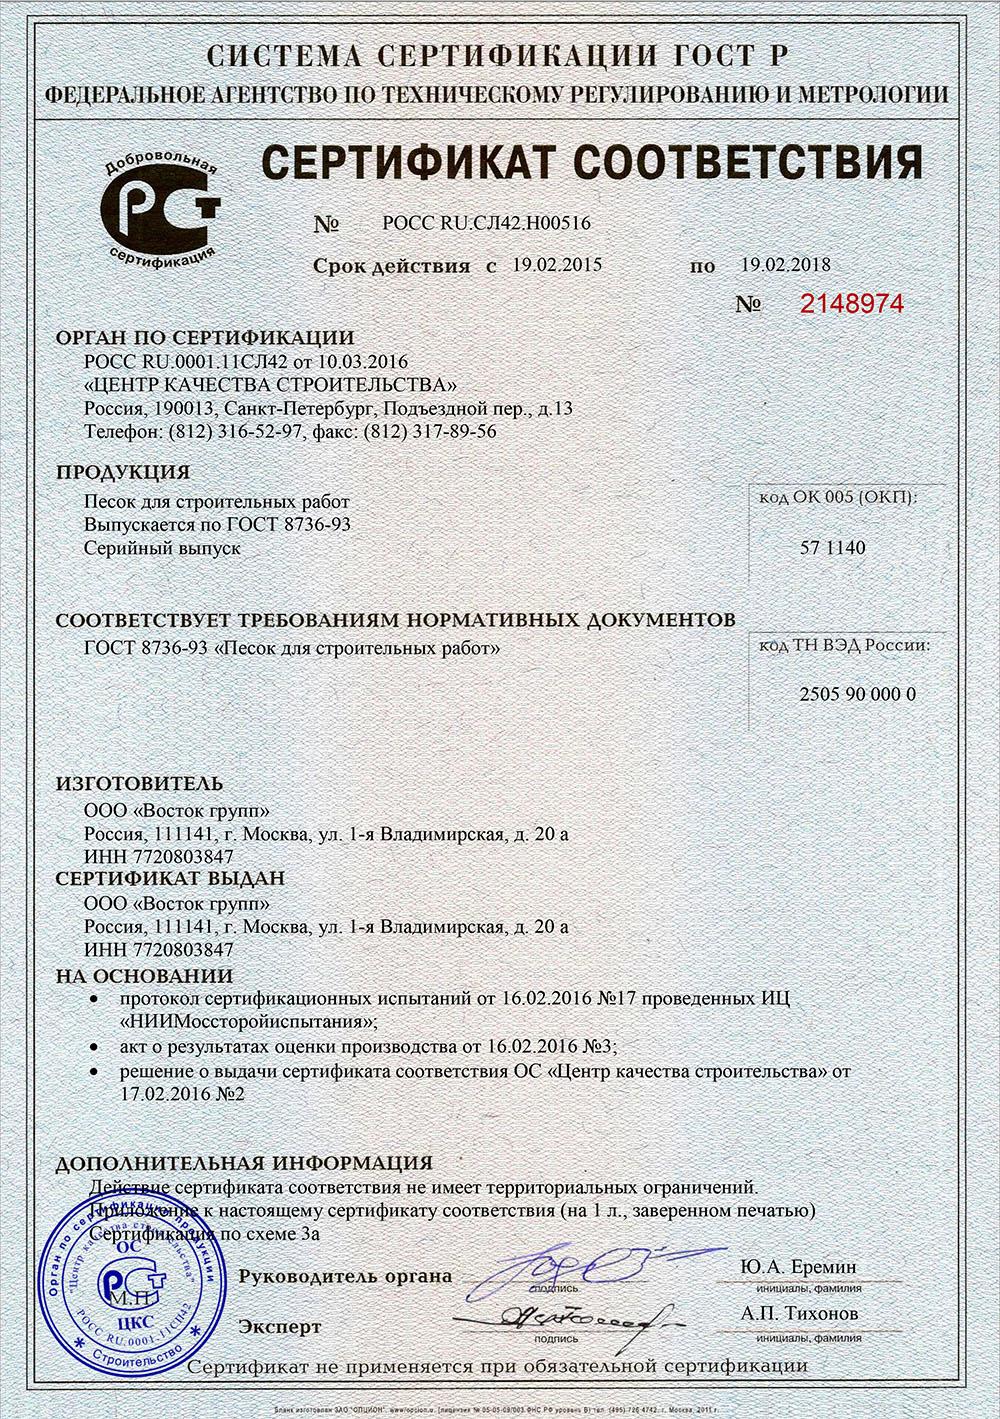 Сертификат соответствия песок карьерный